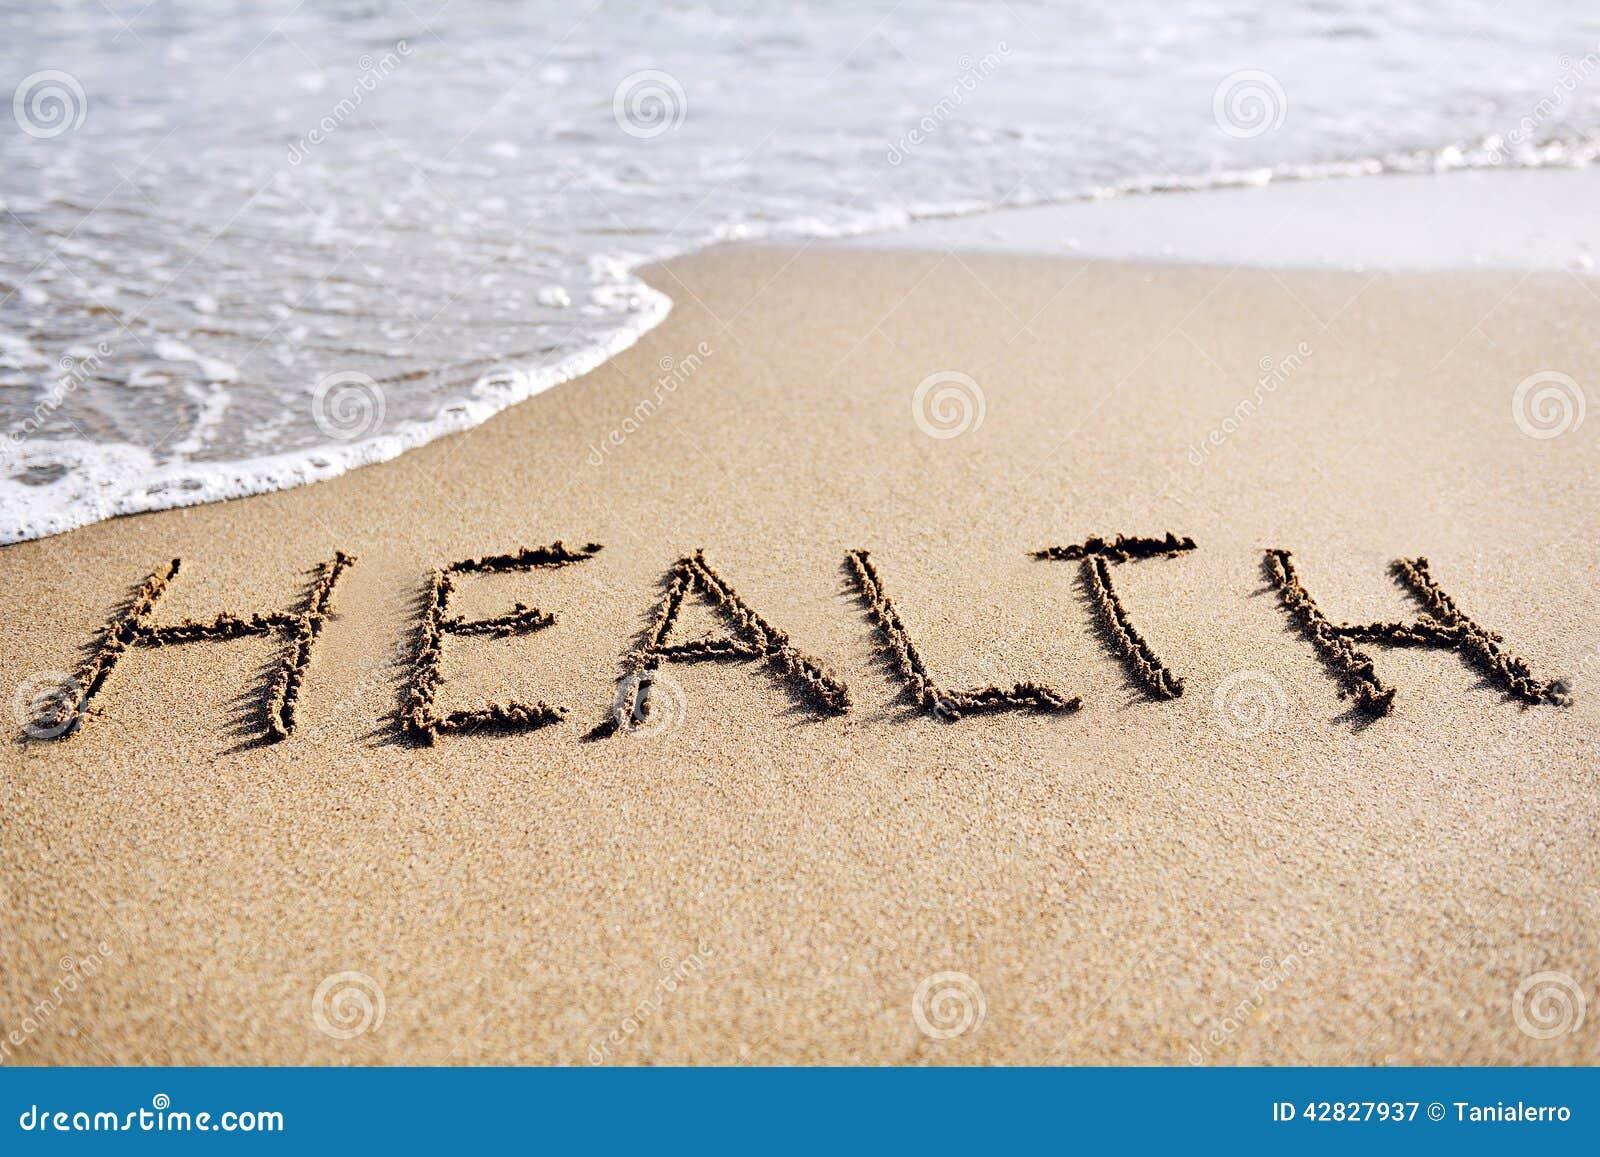 Palabras Escritas En La Arena De La: Salud De La Palabra Escrita En La Arena De La Playa Imagen